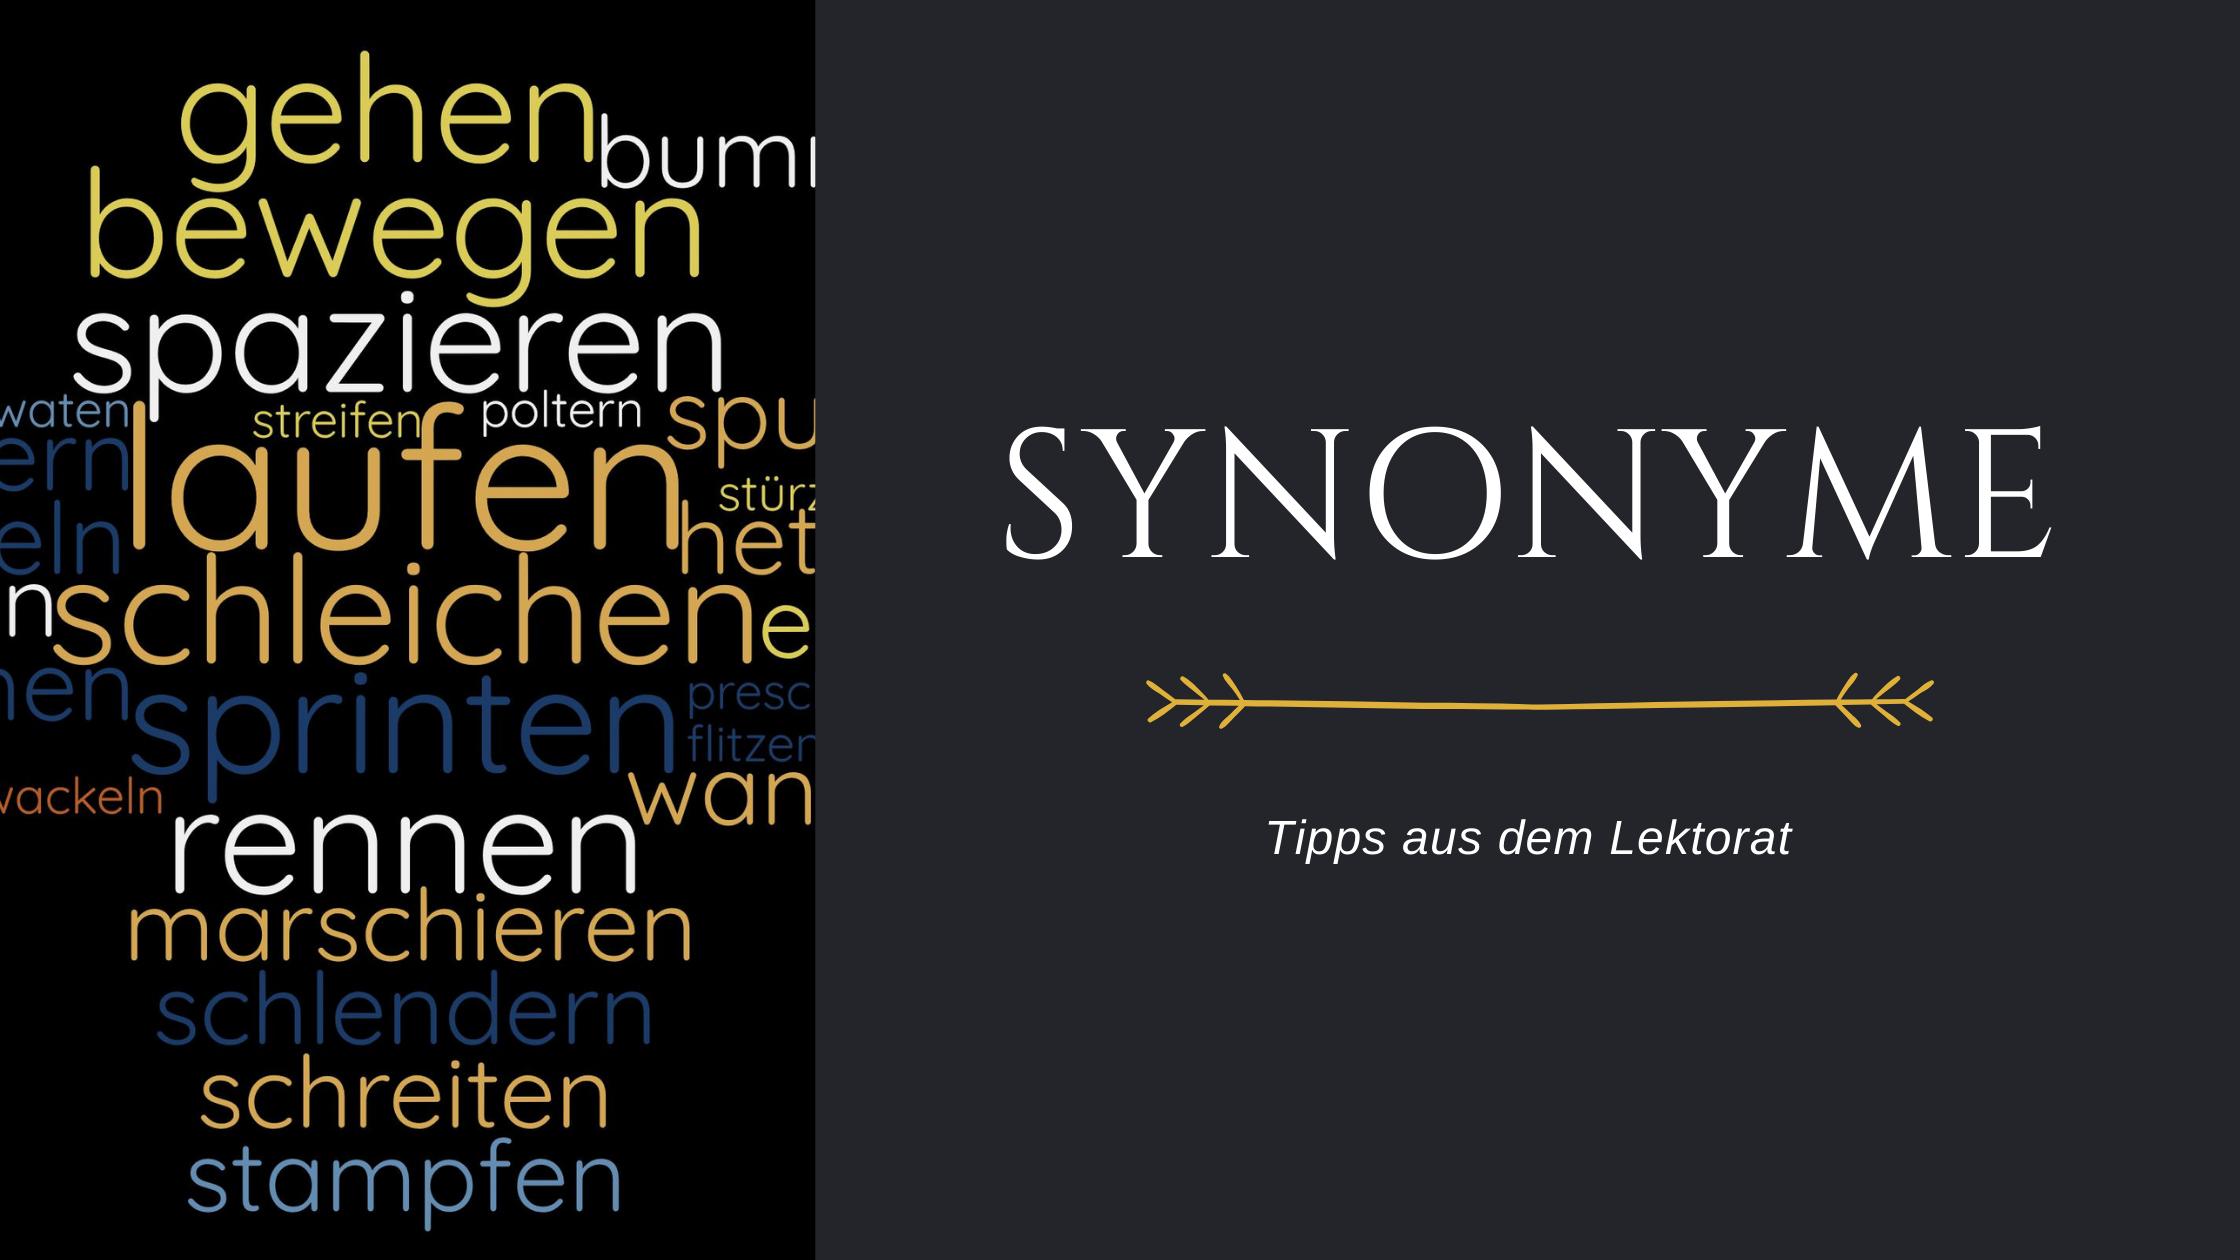 """Titelbild Blogbeitrag """"Tipps aus dem Lektorat: Synonyme"""" mit Wortwolke"""